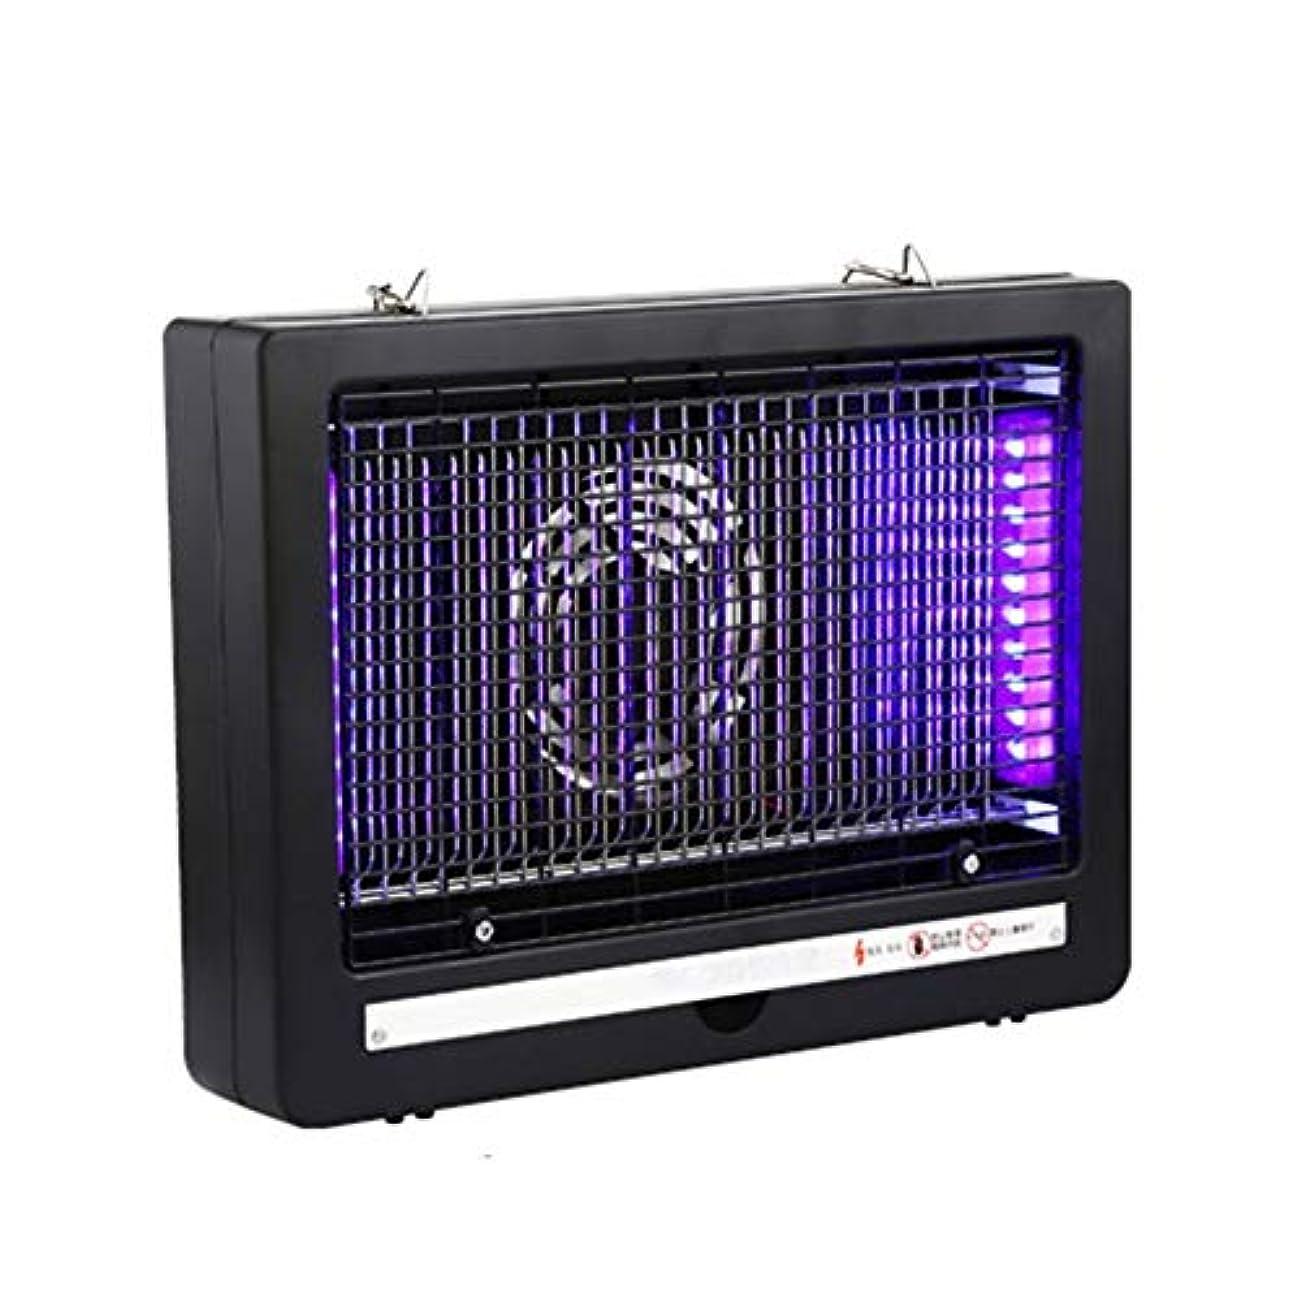 いらいらさせるハック生ZEMIN 蚊ランプ電撃殺虫灯 誘虫灯 ゲイル 電気ショック 取り外し可能 クリーン、 7W (Color : Black, Size : 340MM-7W)